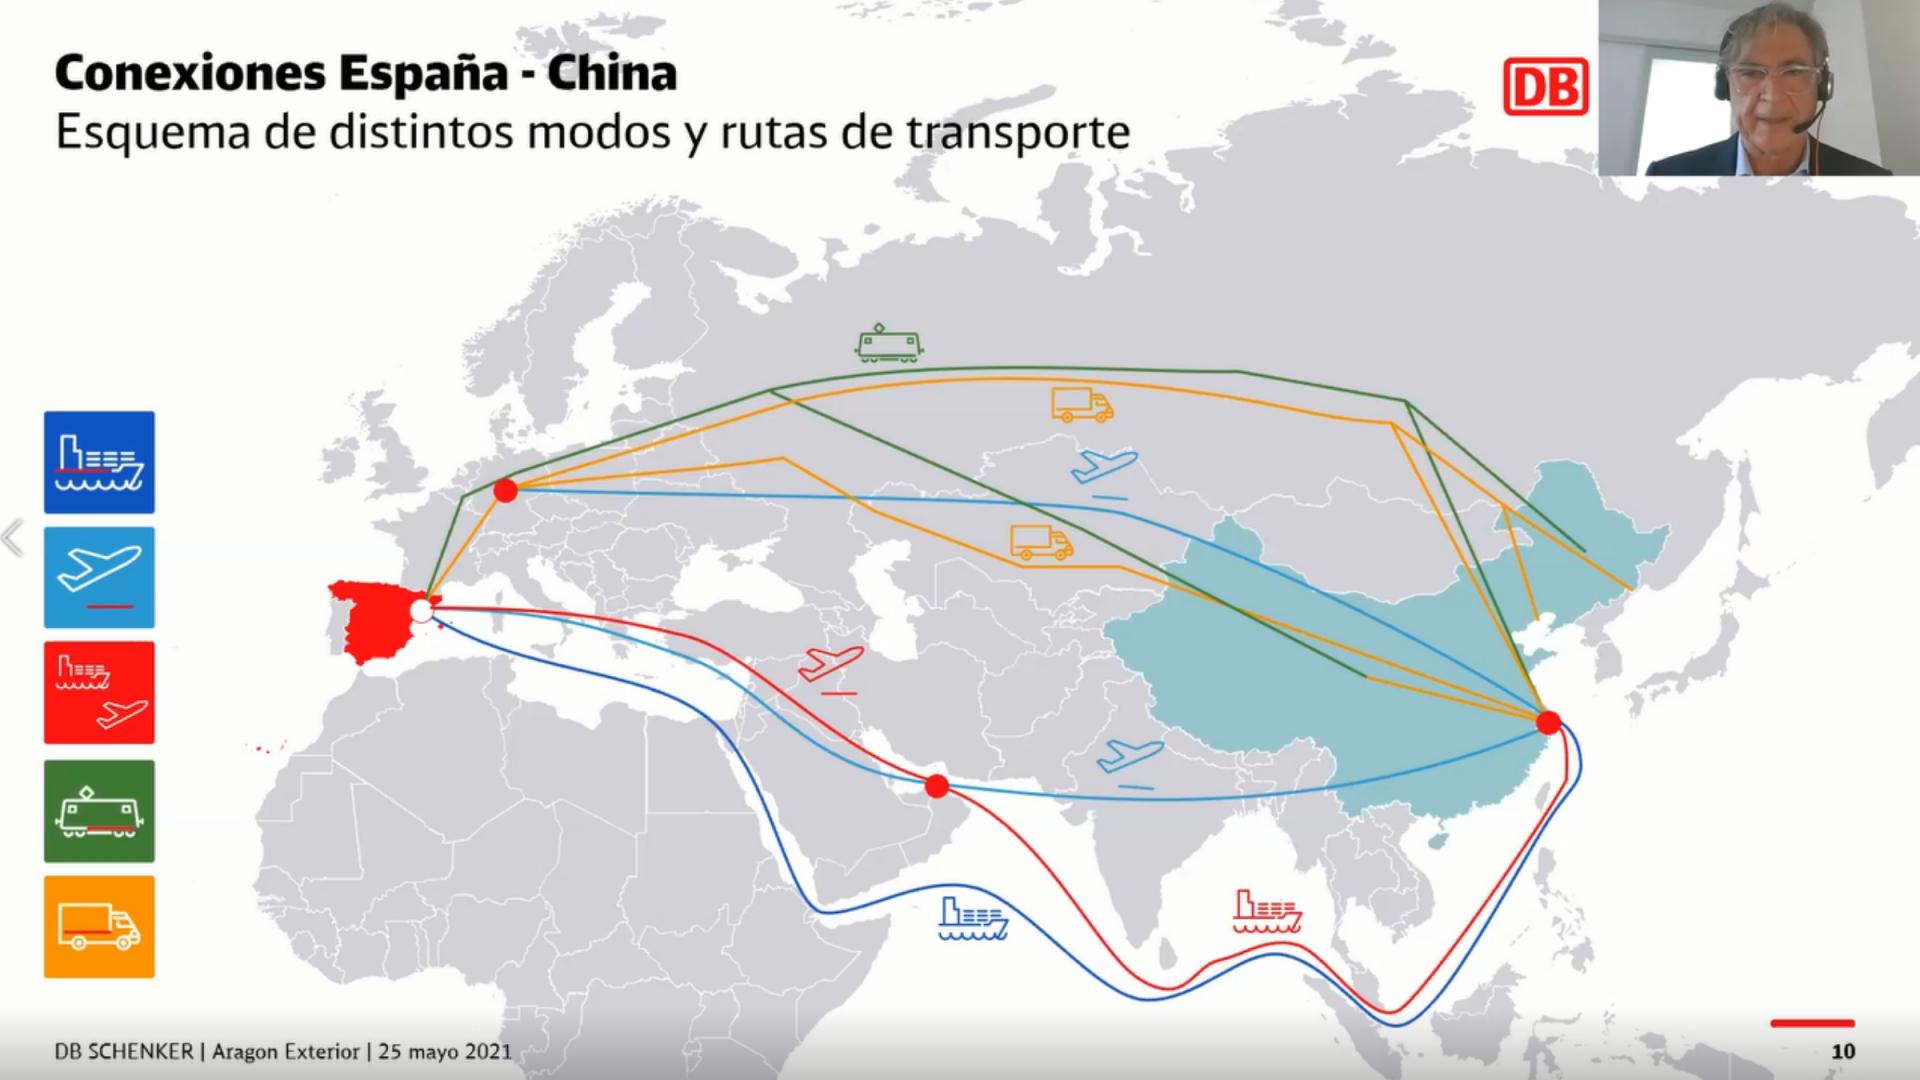 """Logística con China: """"Hay que usar toda la caja de herramientas (multimodales), pero en nuestros presupuestos tenemos que prever costes altos de transporte"""""""